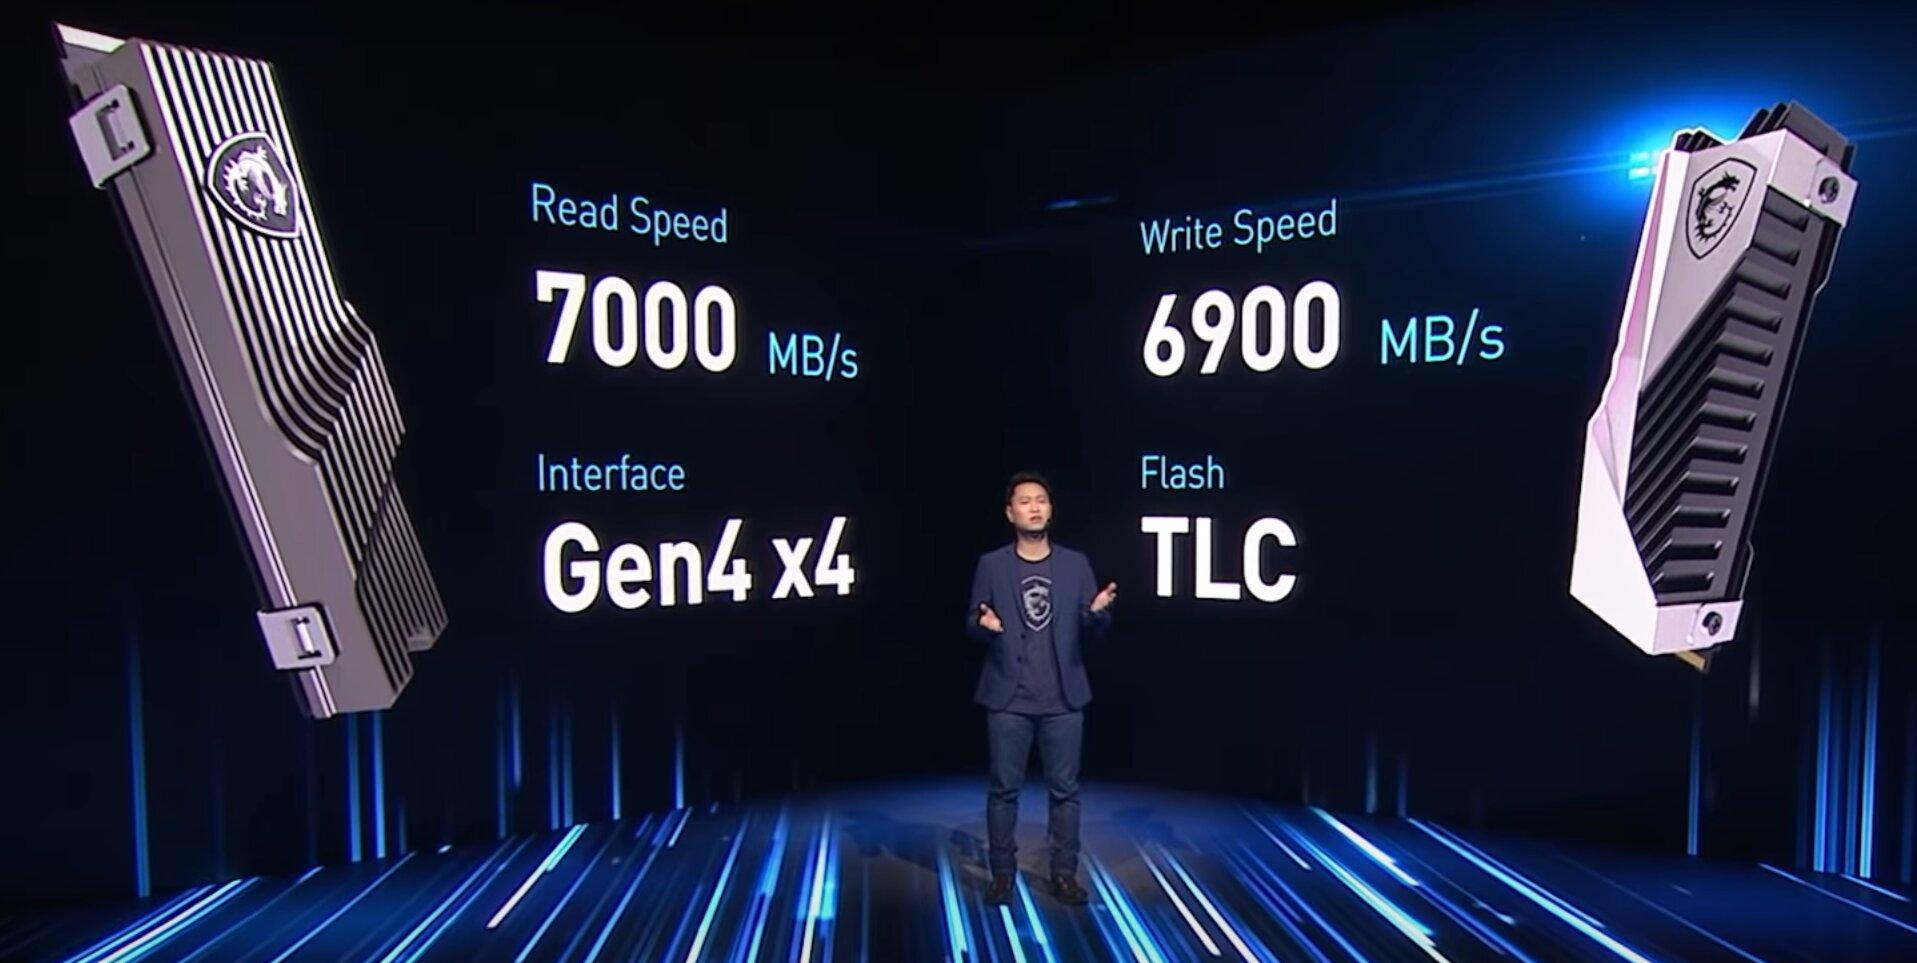 Erste MSI-SSDs nutzen PCIe 4.0 für 7 GB/s